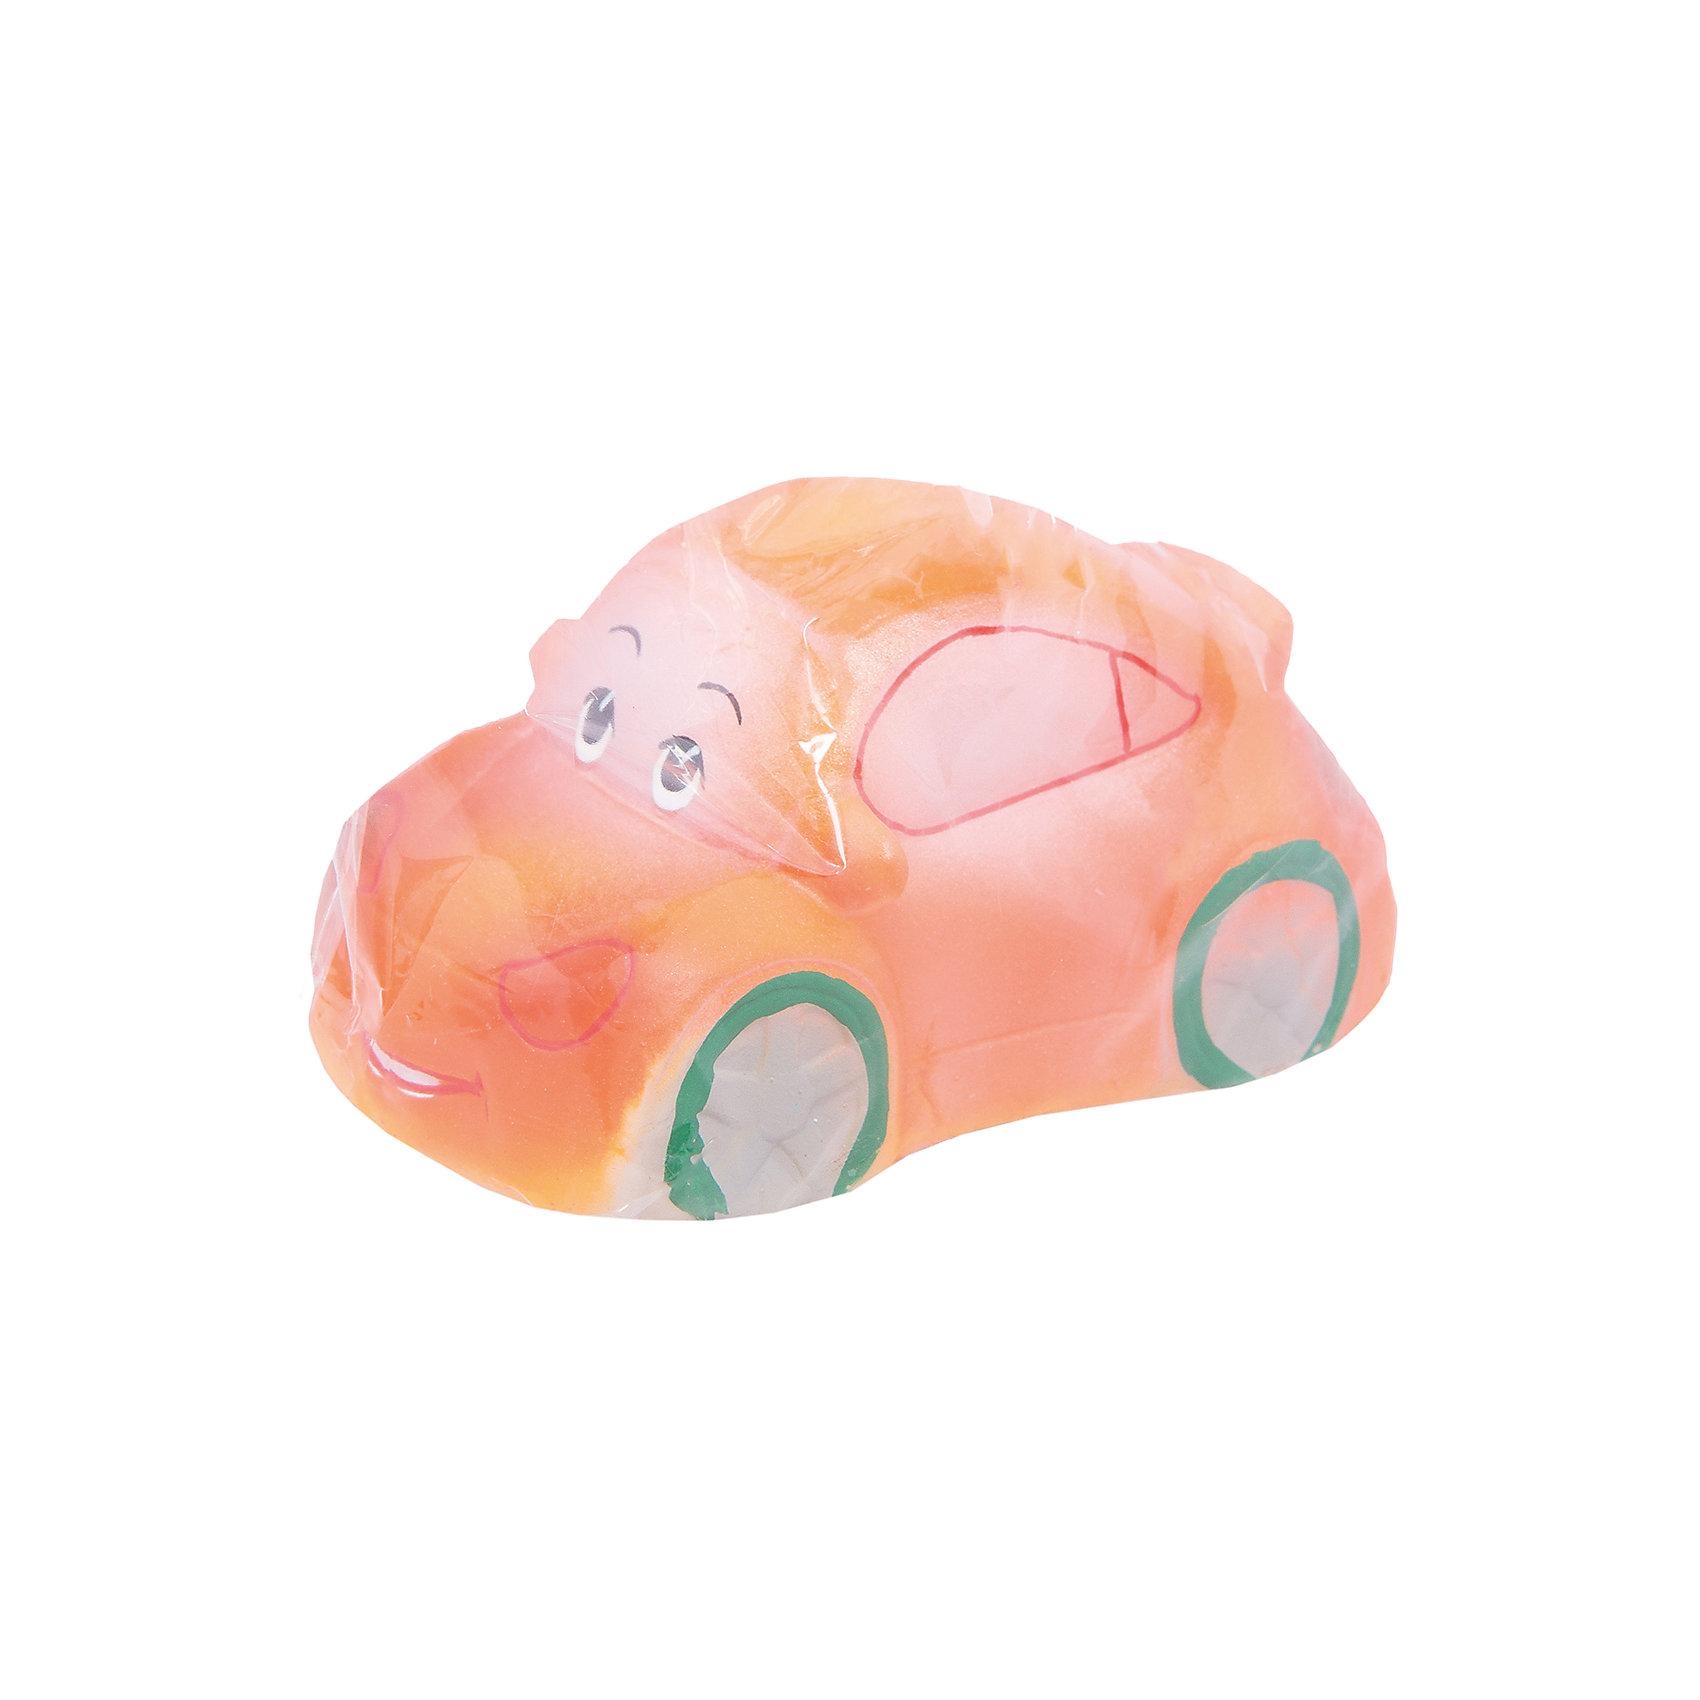 Машинка, КудесникиМашинка, Кудесники<br><br>Характеристики:<br><br>• Материал: ПВХ.<br>• Размер: 12 см.<br>• Вес: 80г.<br> <br>Отличная игрушка из мягкого ПВХ надолго займет внимания вашего малыша. Эта игрушка поможет малышу при прорезывании зубов, поможет развивать моторику рук, знакомить с формой, цветом, образами. Также с ней можно забавно поиграть в ванной. Яркий образ поможет ребенку придумывать различные сюжетно-ролевые игры.<br><br>Машинку, Кудесники, можно купить в нашем интернет – магазине.<br><br>Ширина мм: 100<br>Глубина мм: 80<br>Высота мм: 120<br>Вес г: 80<br>Возраст от месяцев: 12<br>Возраст до месяцев: 36<br>Пол: Мужской<br>Возраст: Детский<br>SKU: 4896460